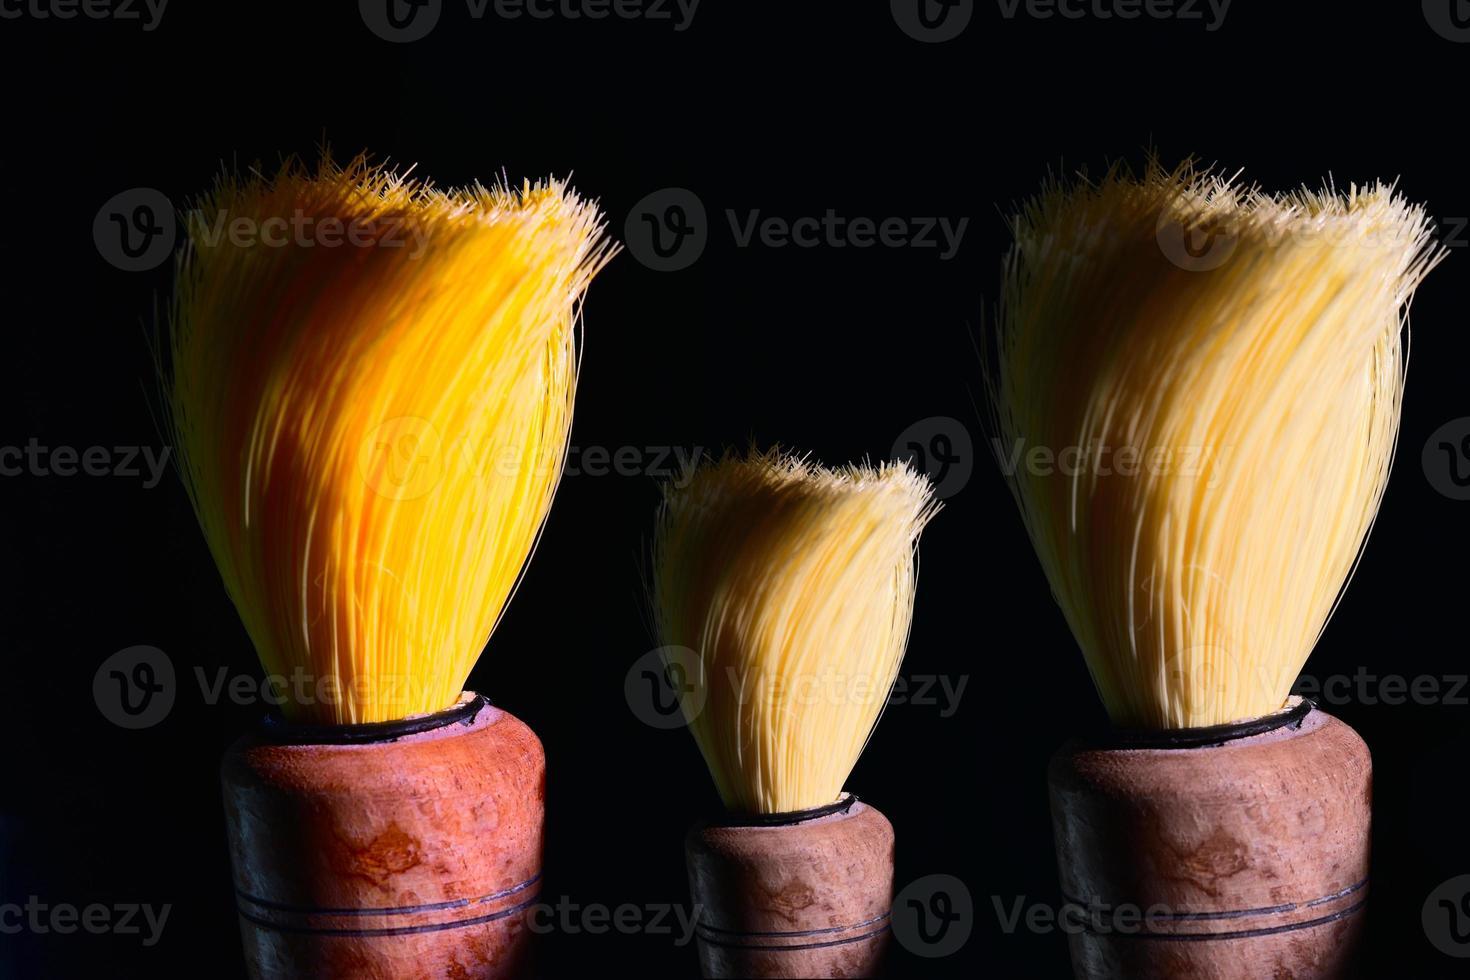 equipamento de escova de barbear - imagem de stock foto